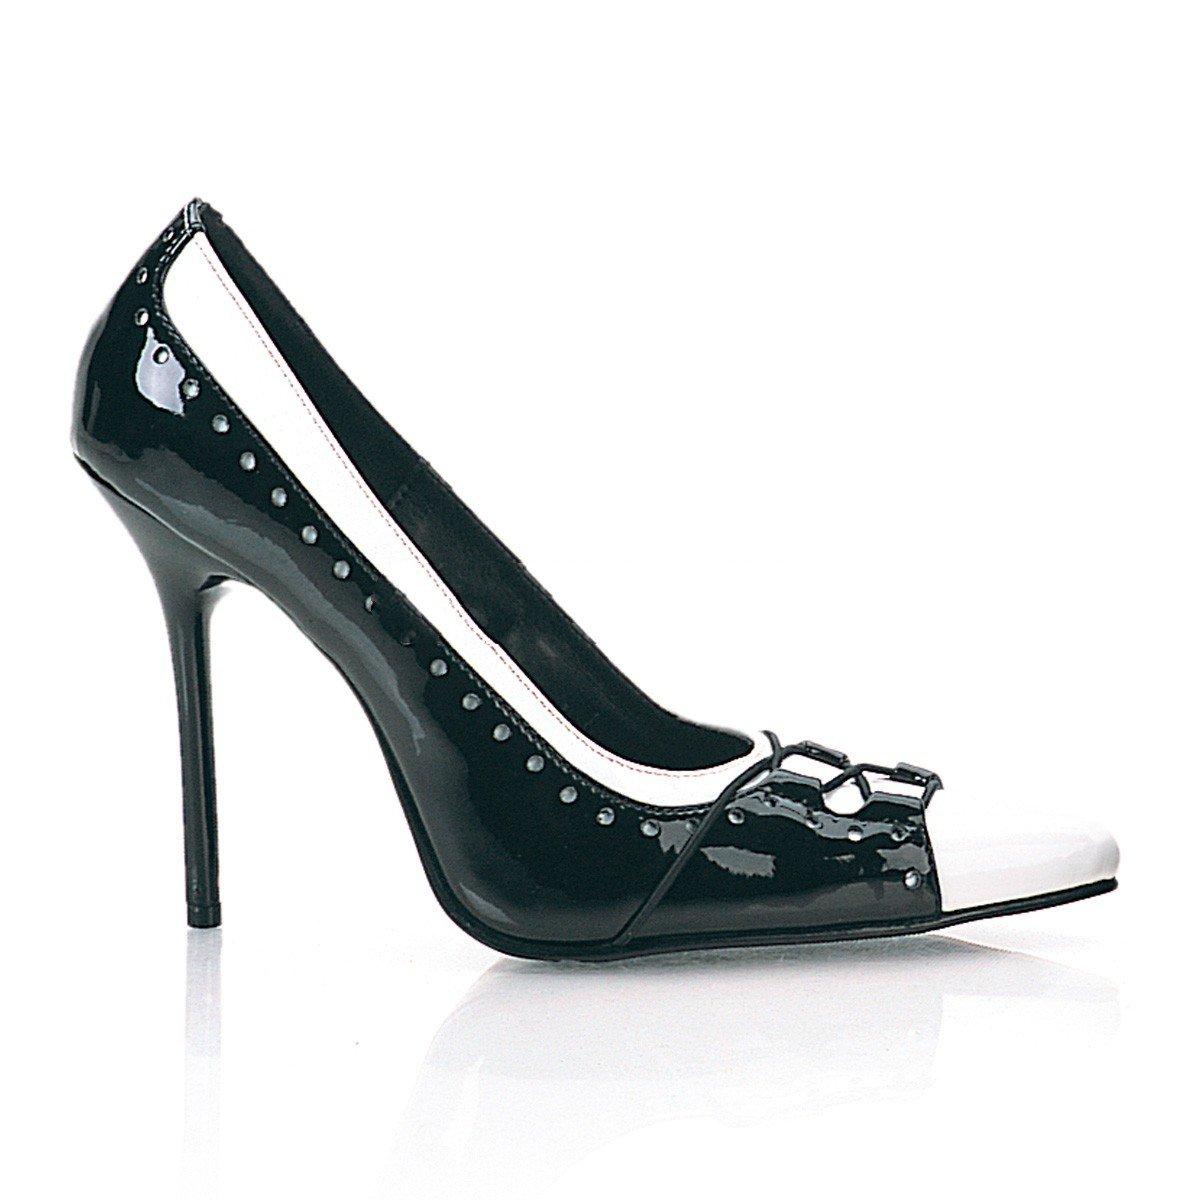 Pleaser Milan-09 - Sexy spitz geschnittene Pumps High Heels 35-45 35-45 35-45 e5229d